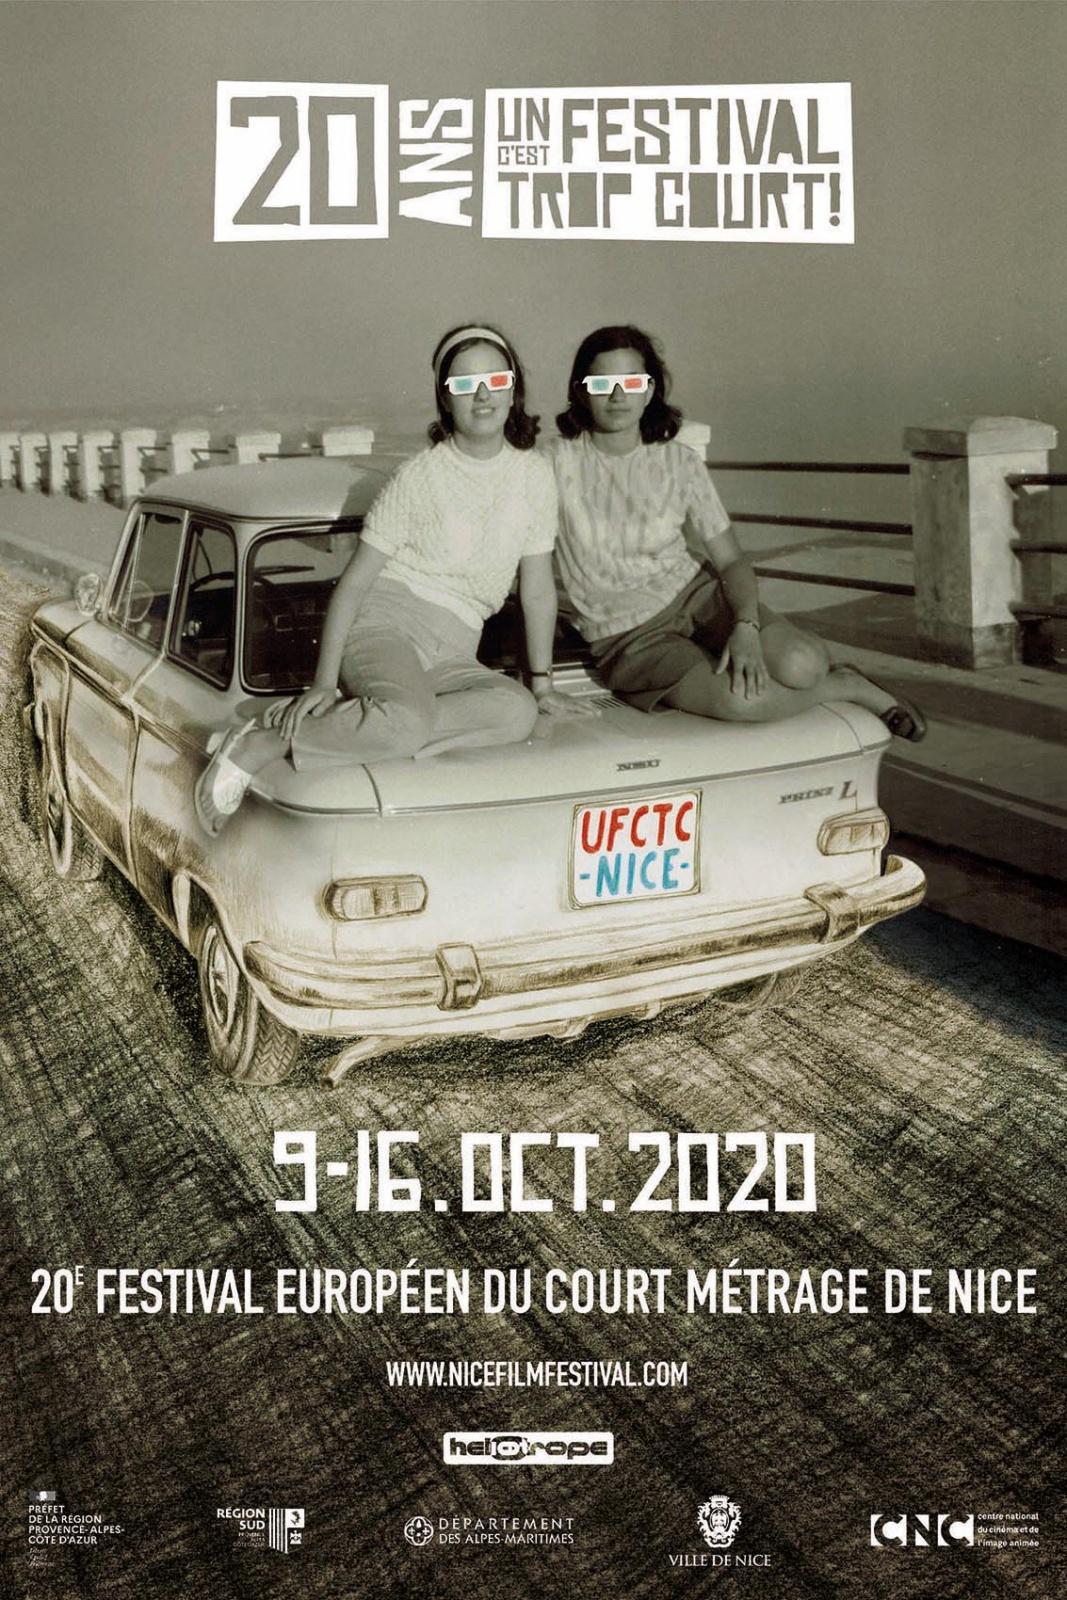 Un festival c'est trop court. Nice Film Festival, 2020  20ÈME ÉDITION : LE VISUEL D'UN FESTIVAL C'EST TROP COURT! 2020  www.nicefilmfestival.com